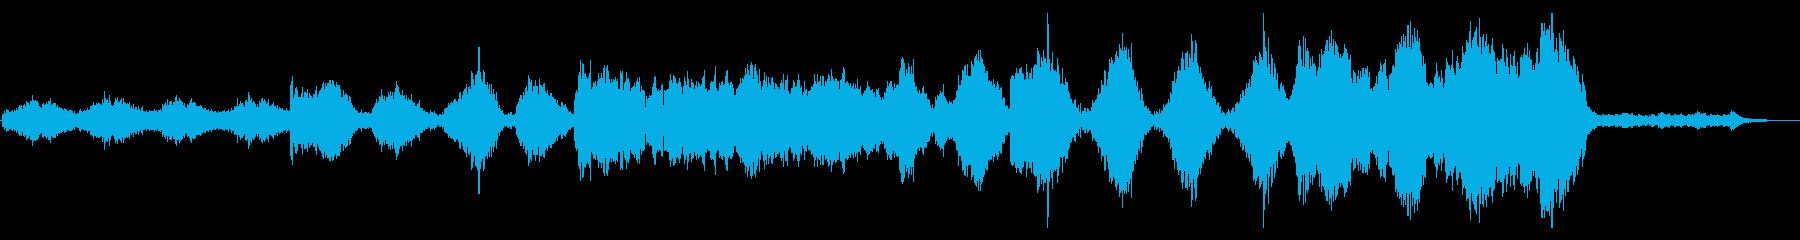 都市の夜明けをイメージした映画音楽系の再生済みの波形